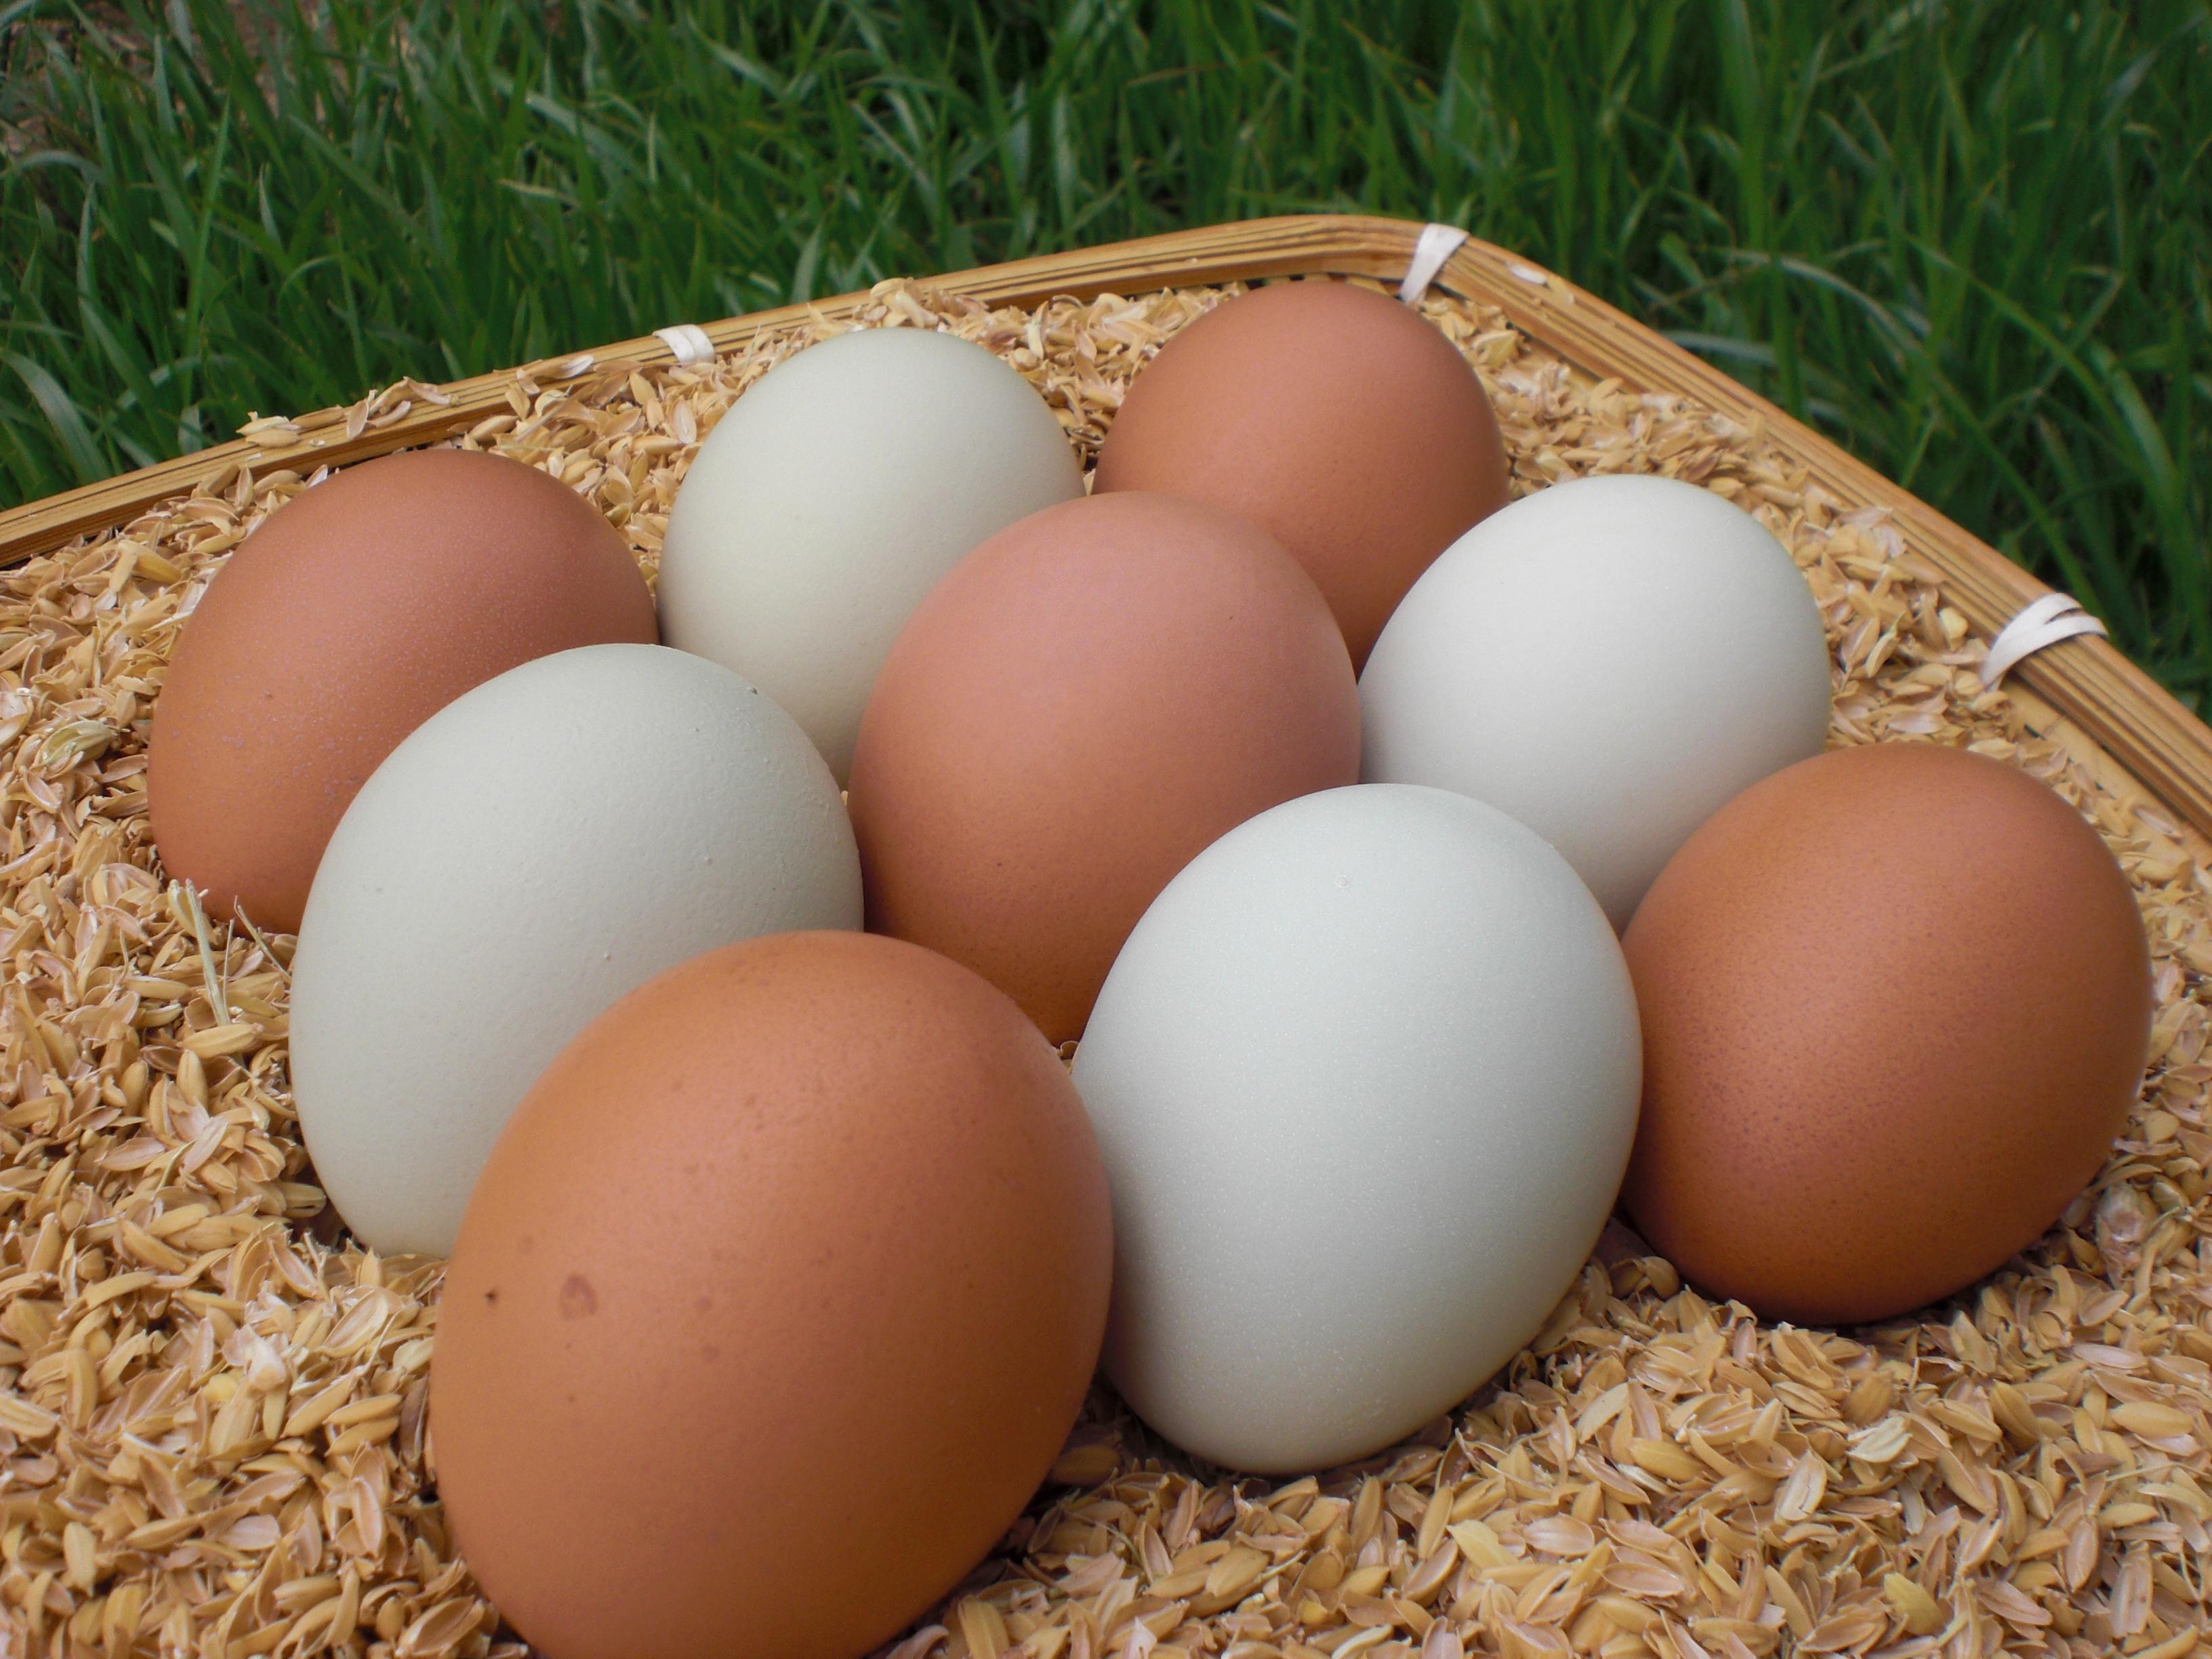 完全栄養食とも言われている卵は食べ方によって太る事もある?のサムネイル画像